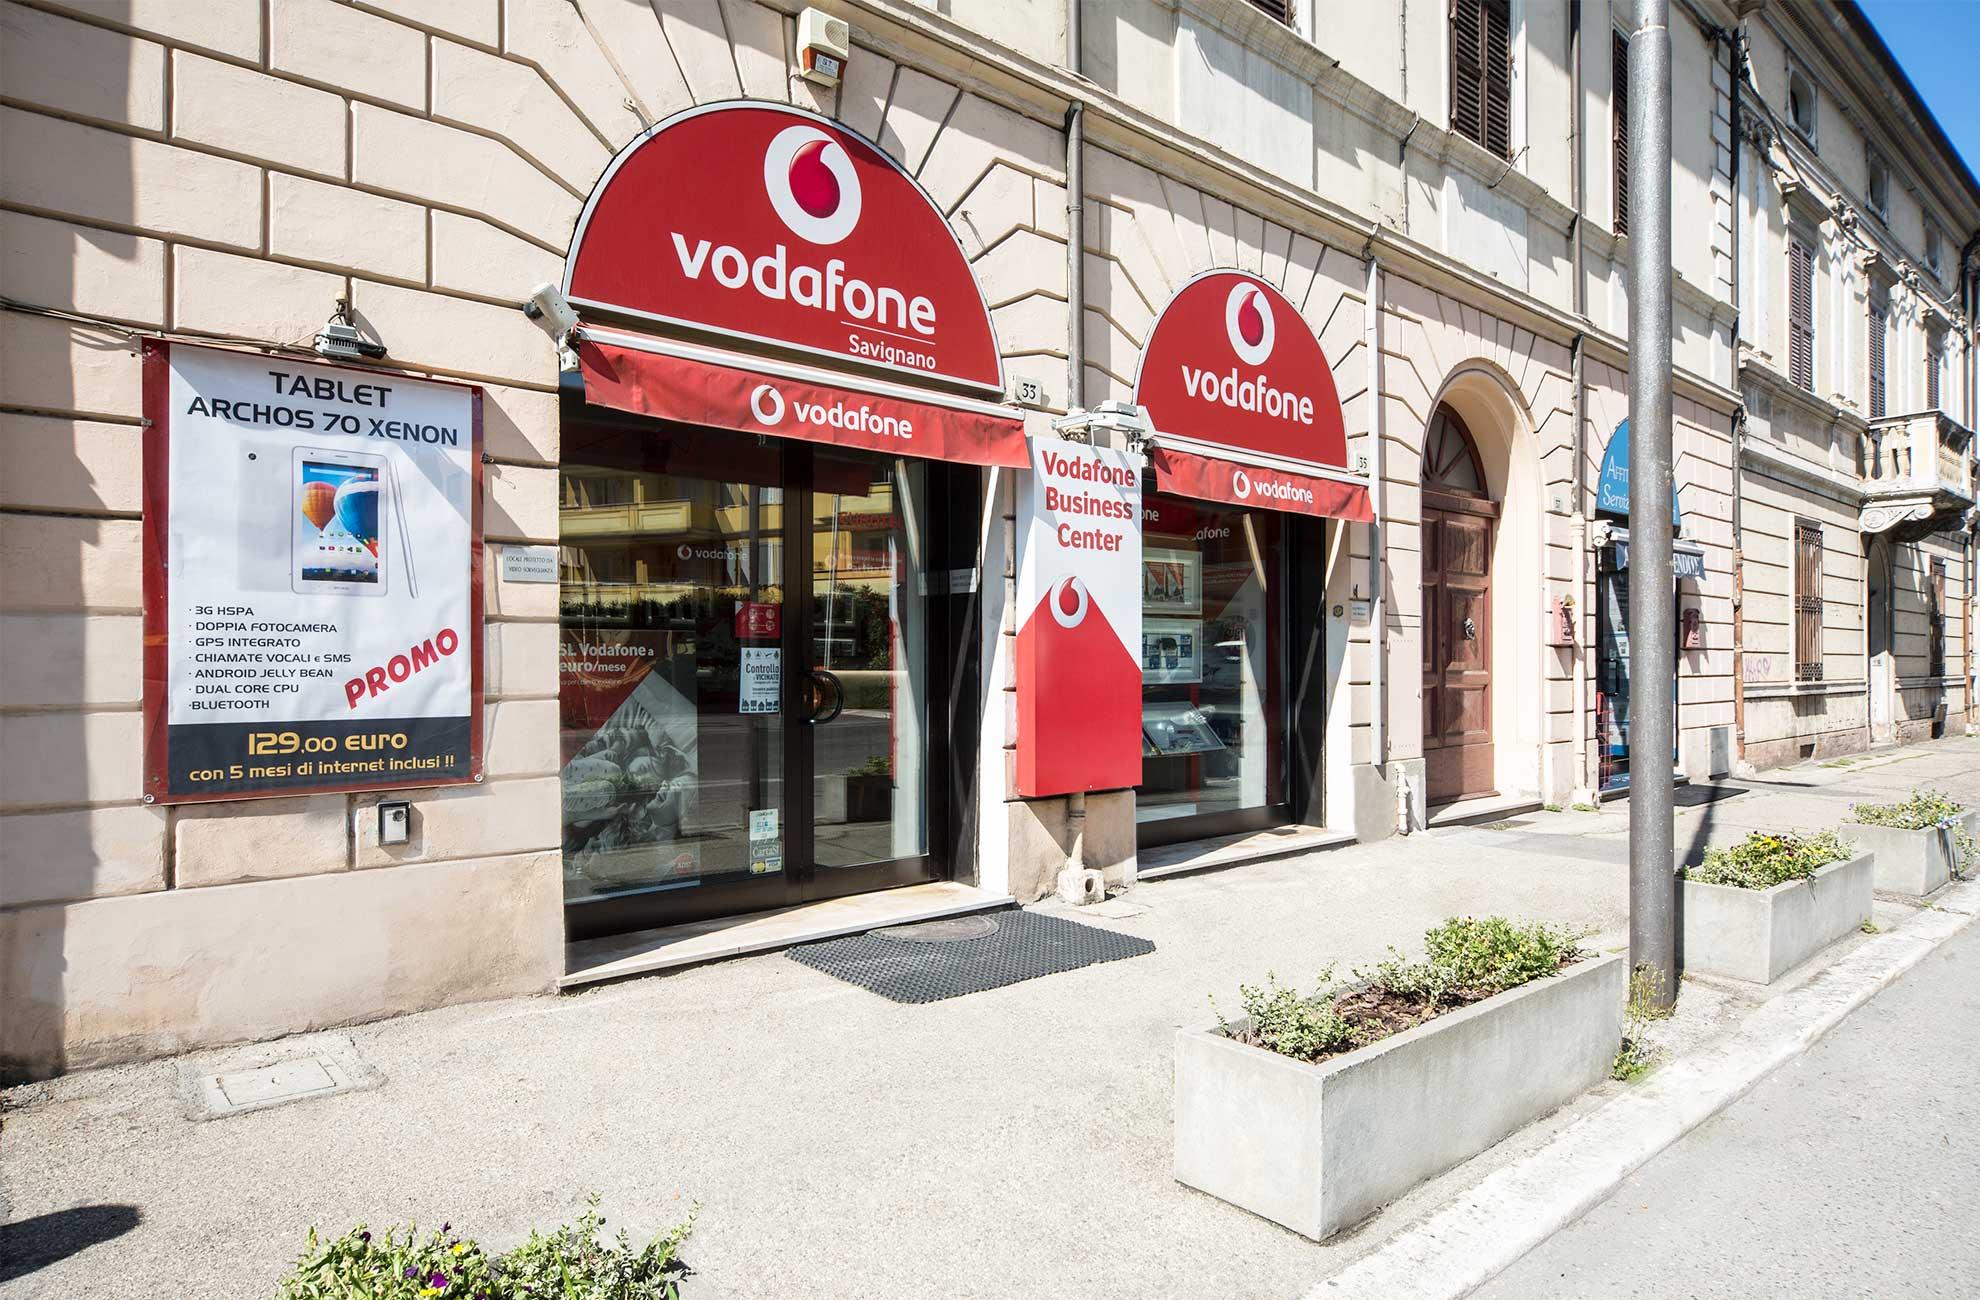 Il Vostro negozio Vodafone di fiducia